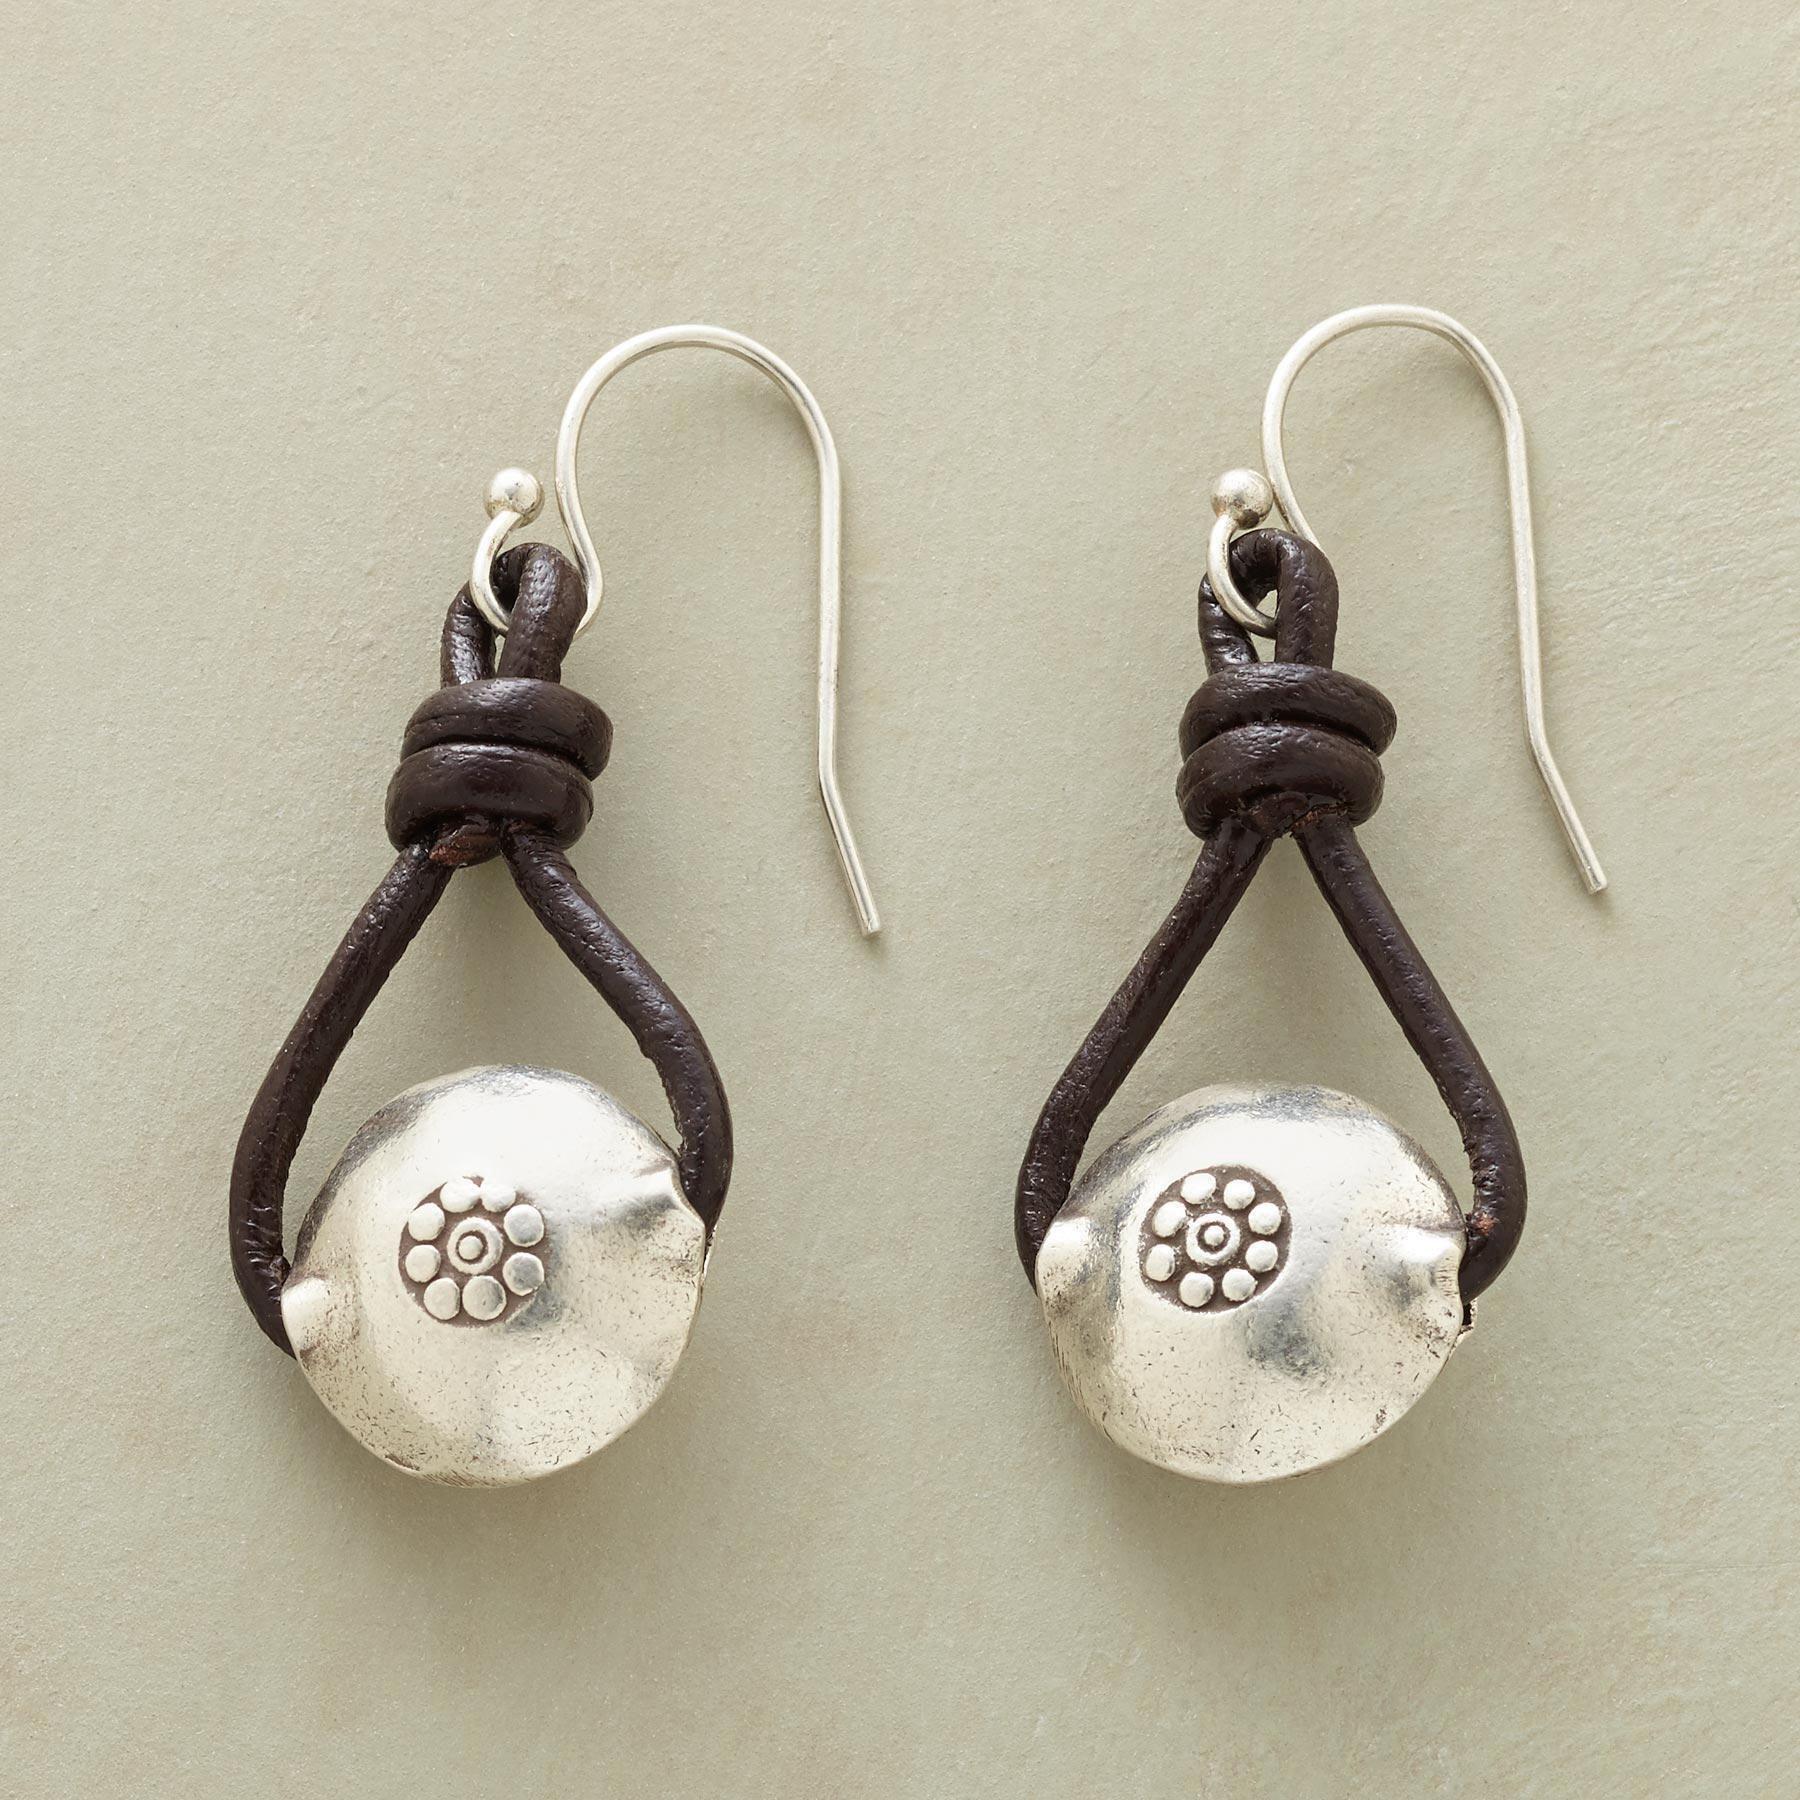 nya bilder av kostar charm nya bilder av Denim's best pal earrings | Örhängen och Smycken